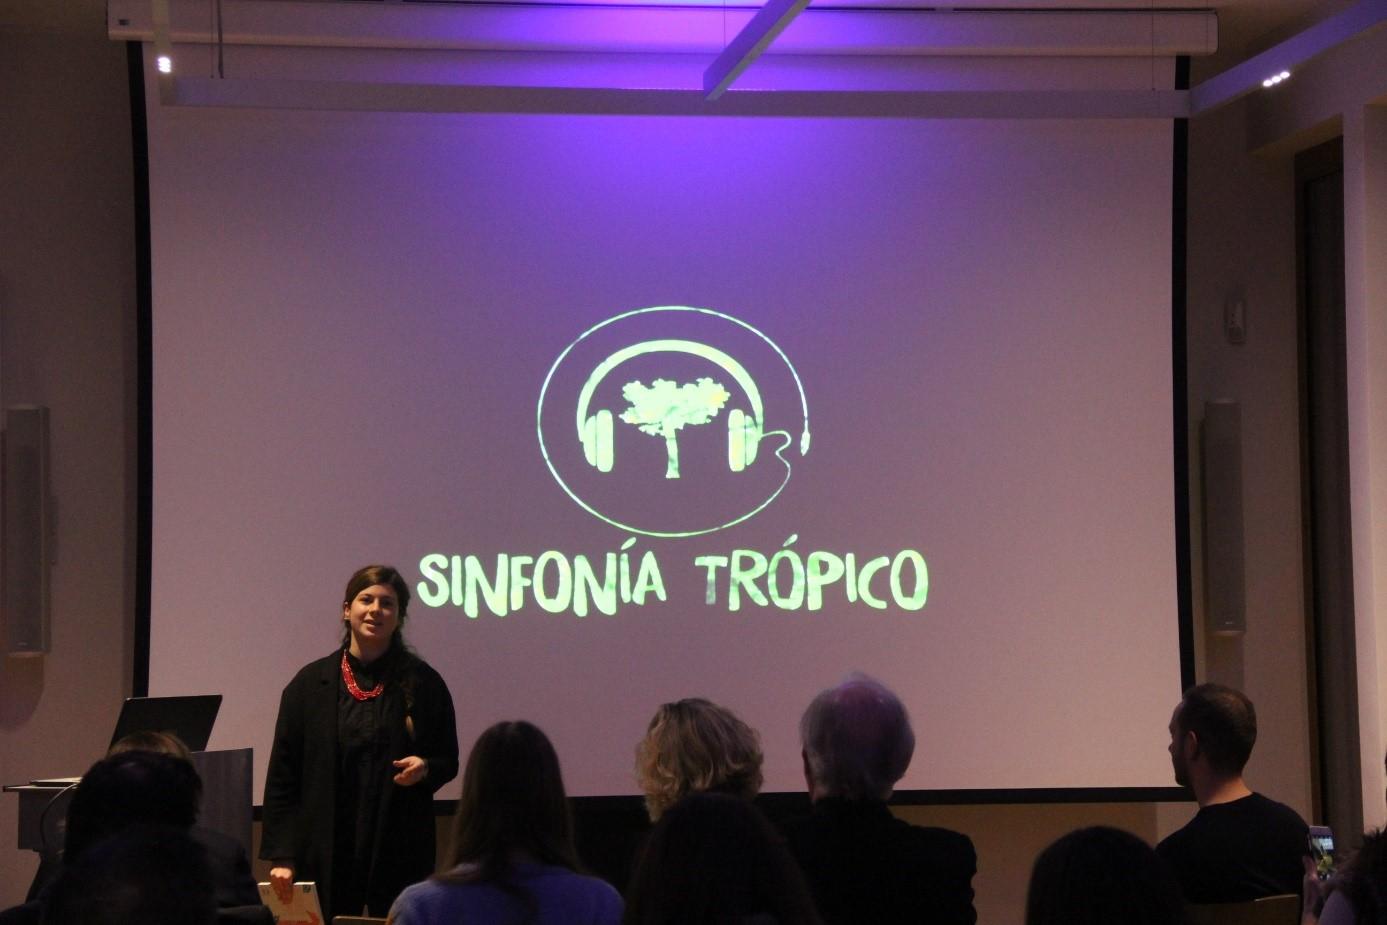 """Embajada de Colombia en Alemania presentó la publicación """"Sinfonía Trópico: un recorrido artístico por Colombia biodiversa"""""""